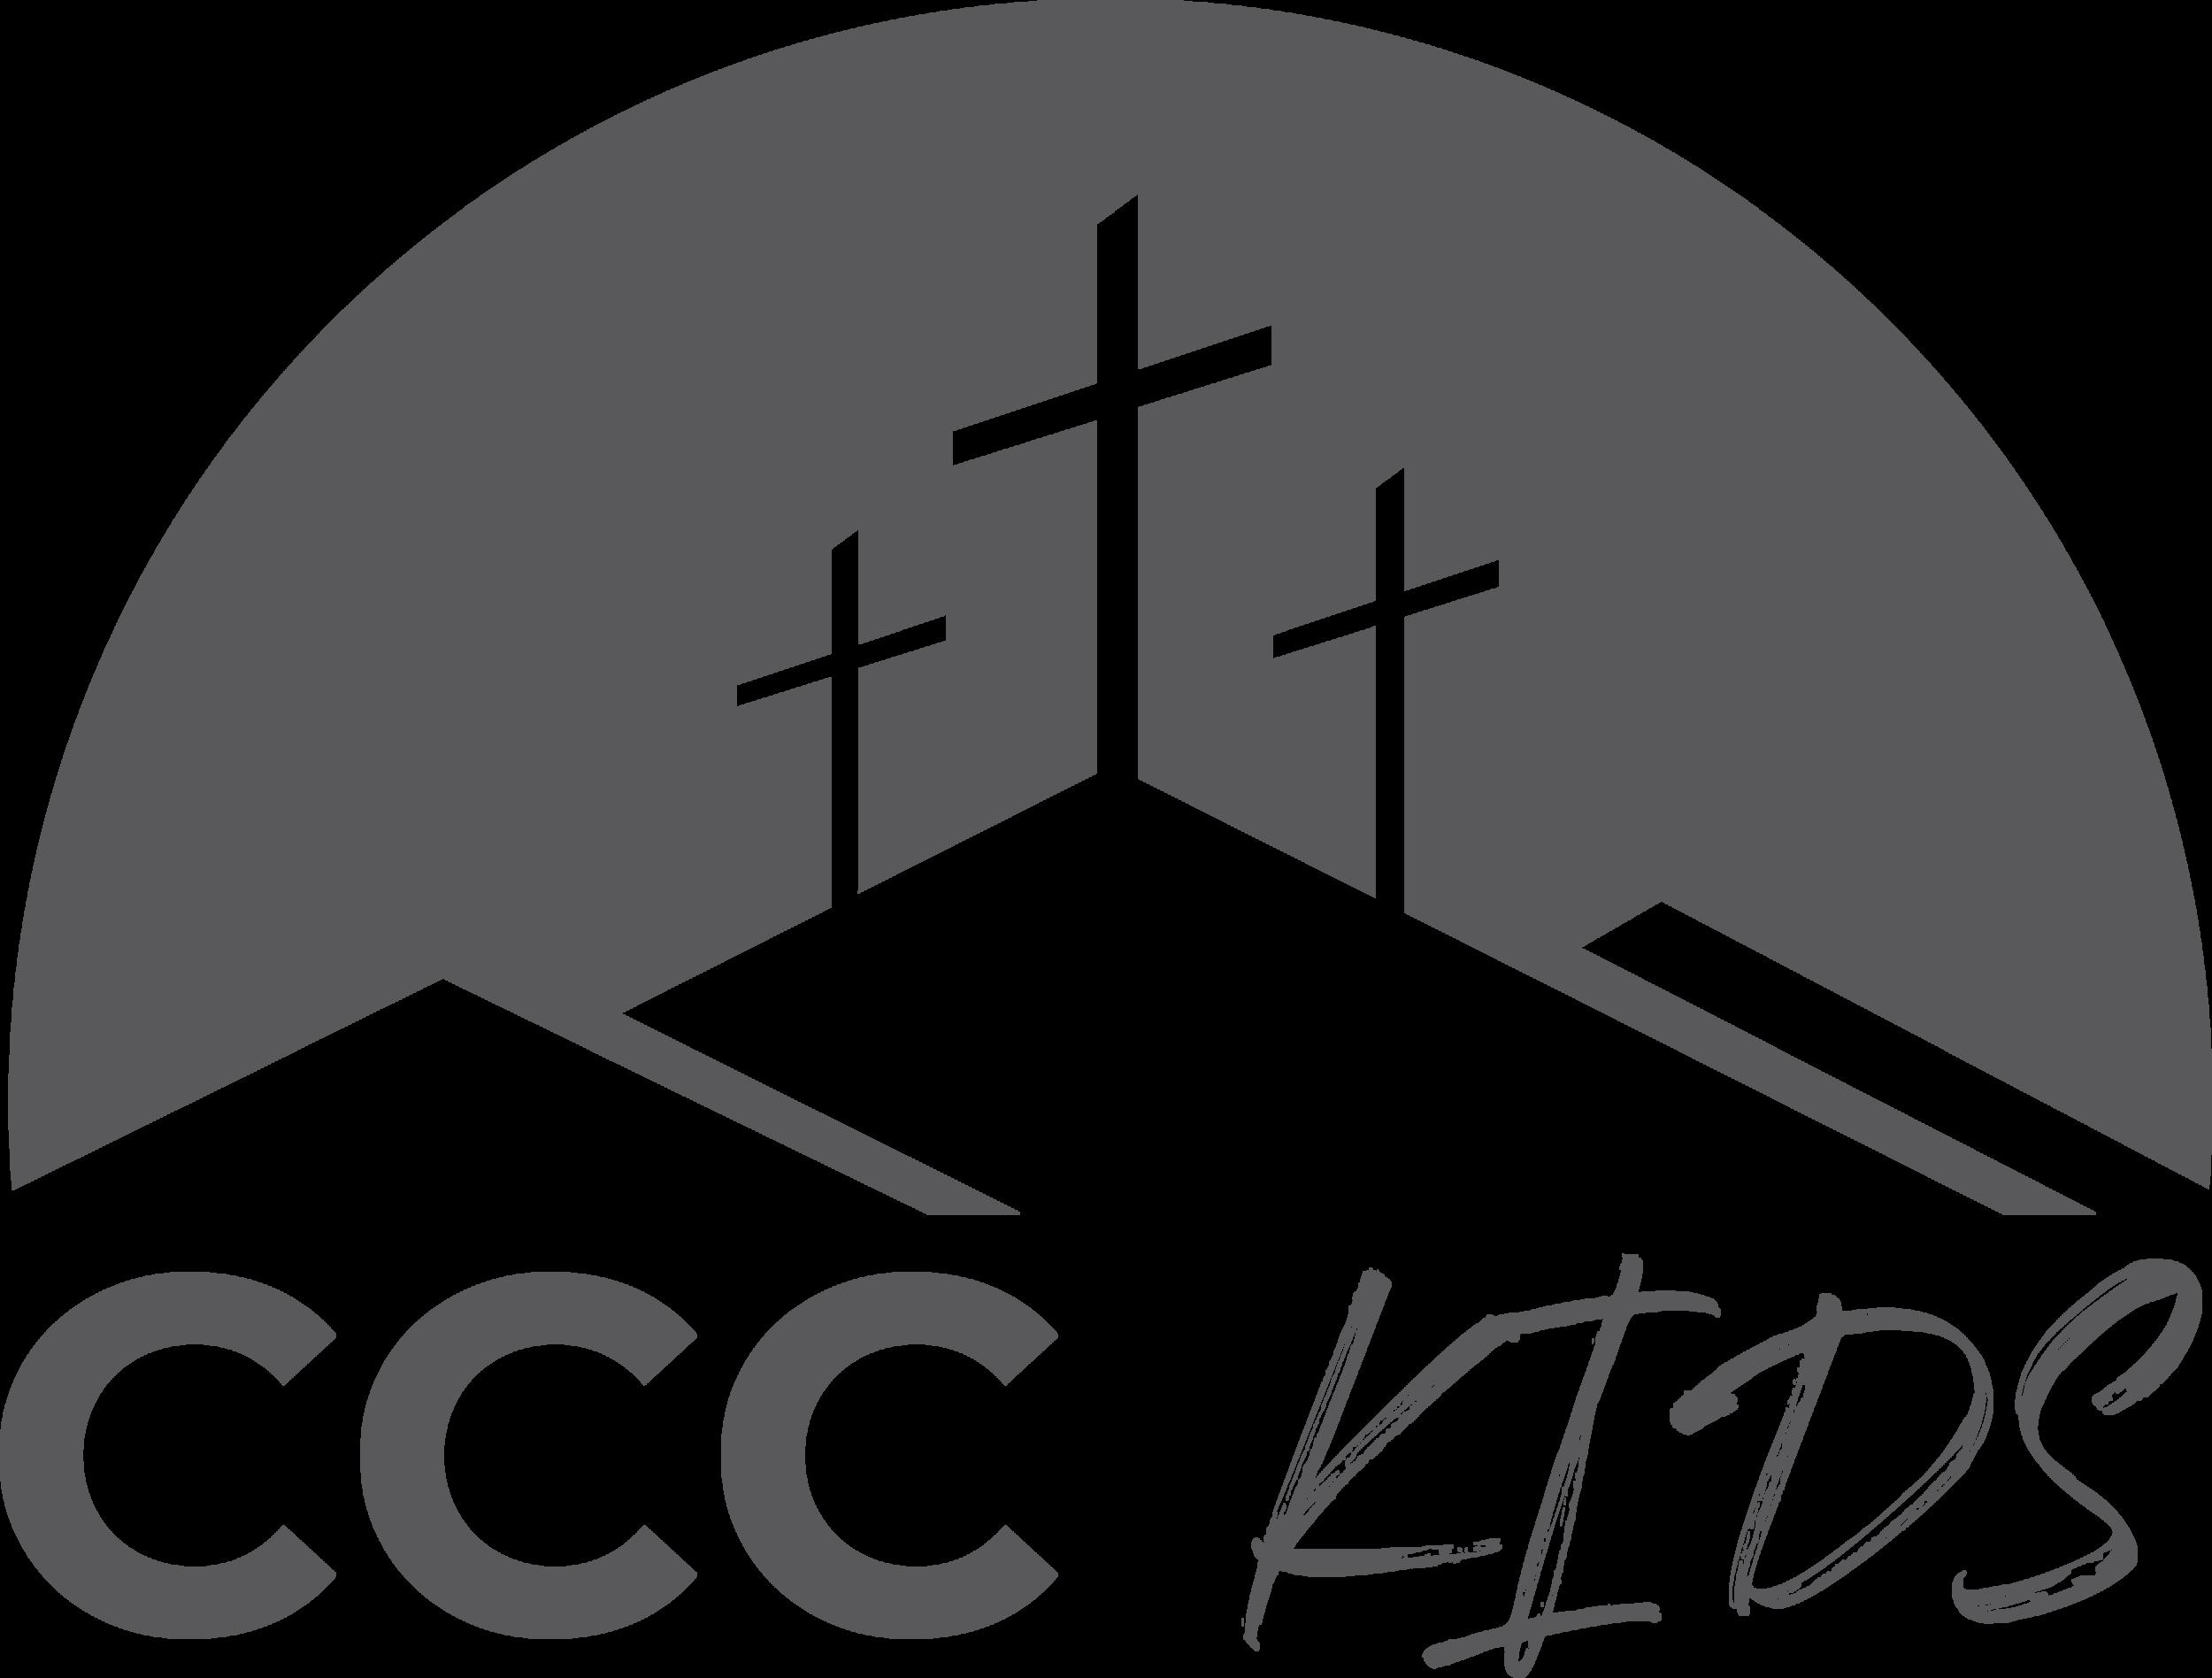 CCC Kids logo grey.png